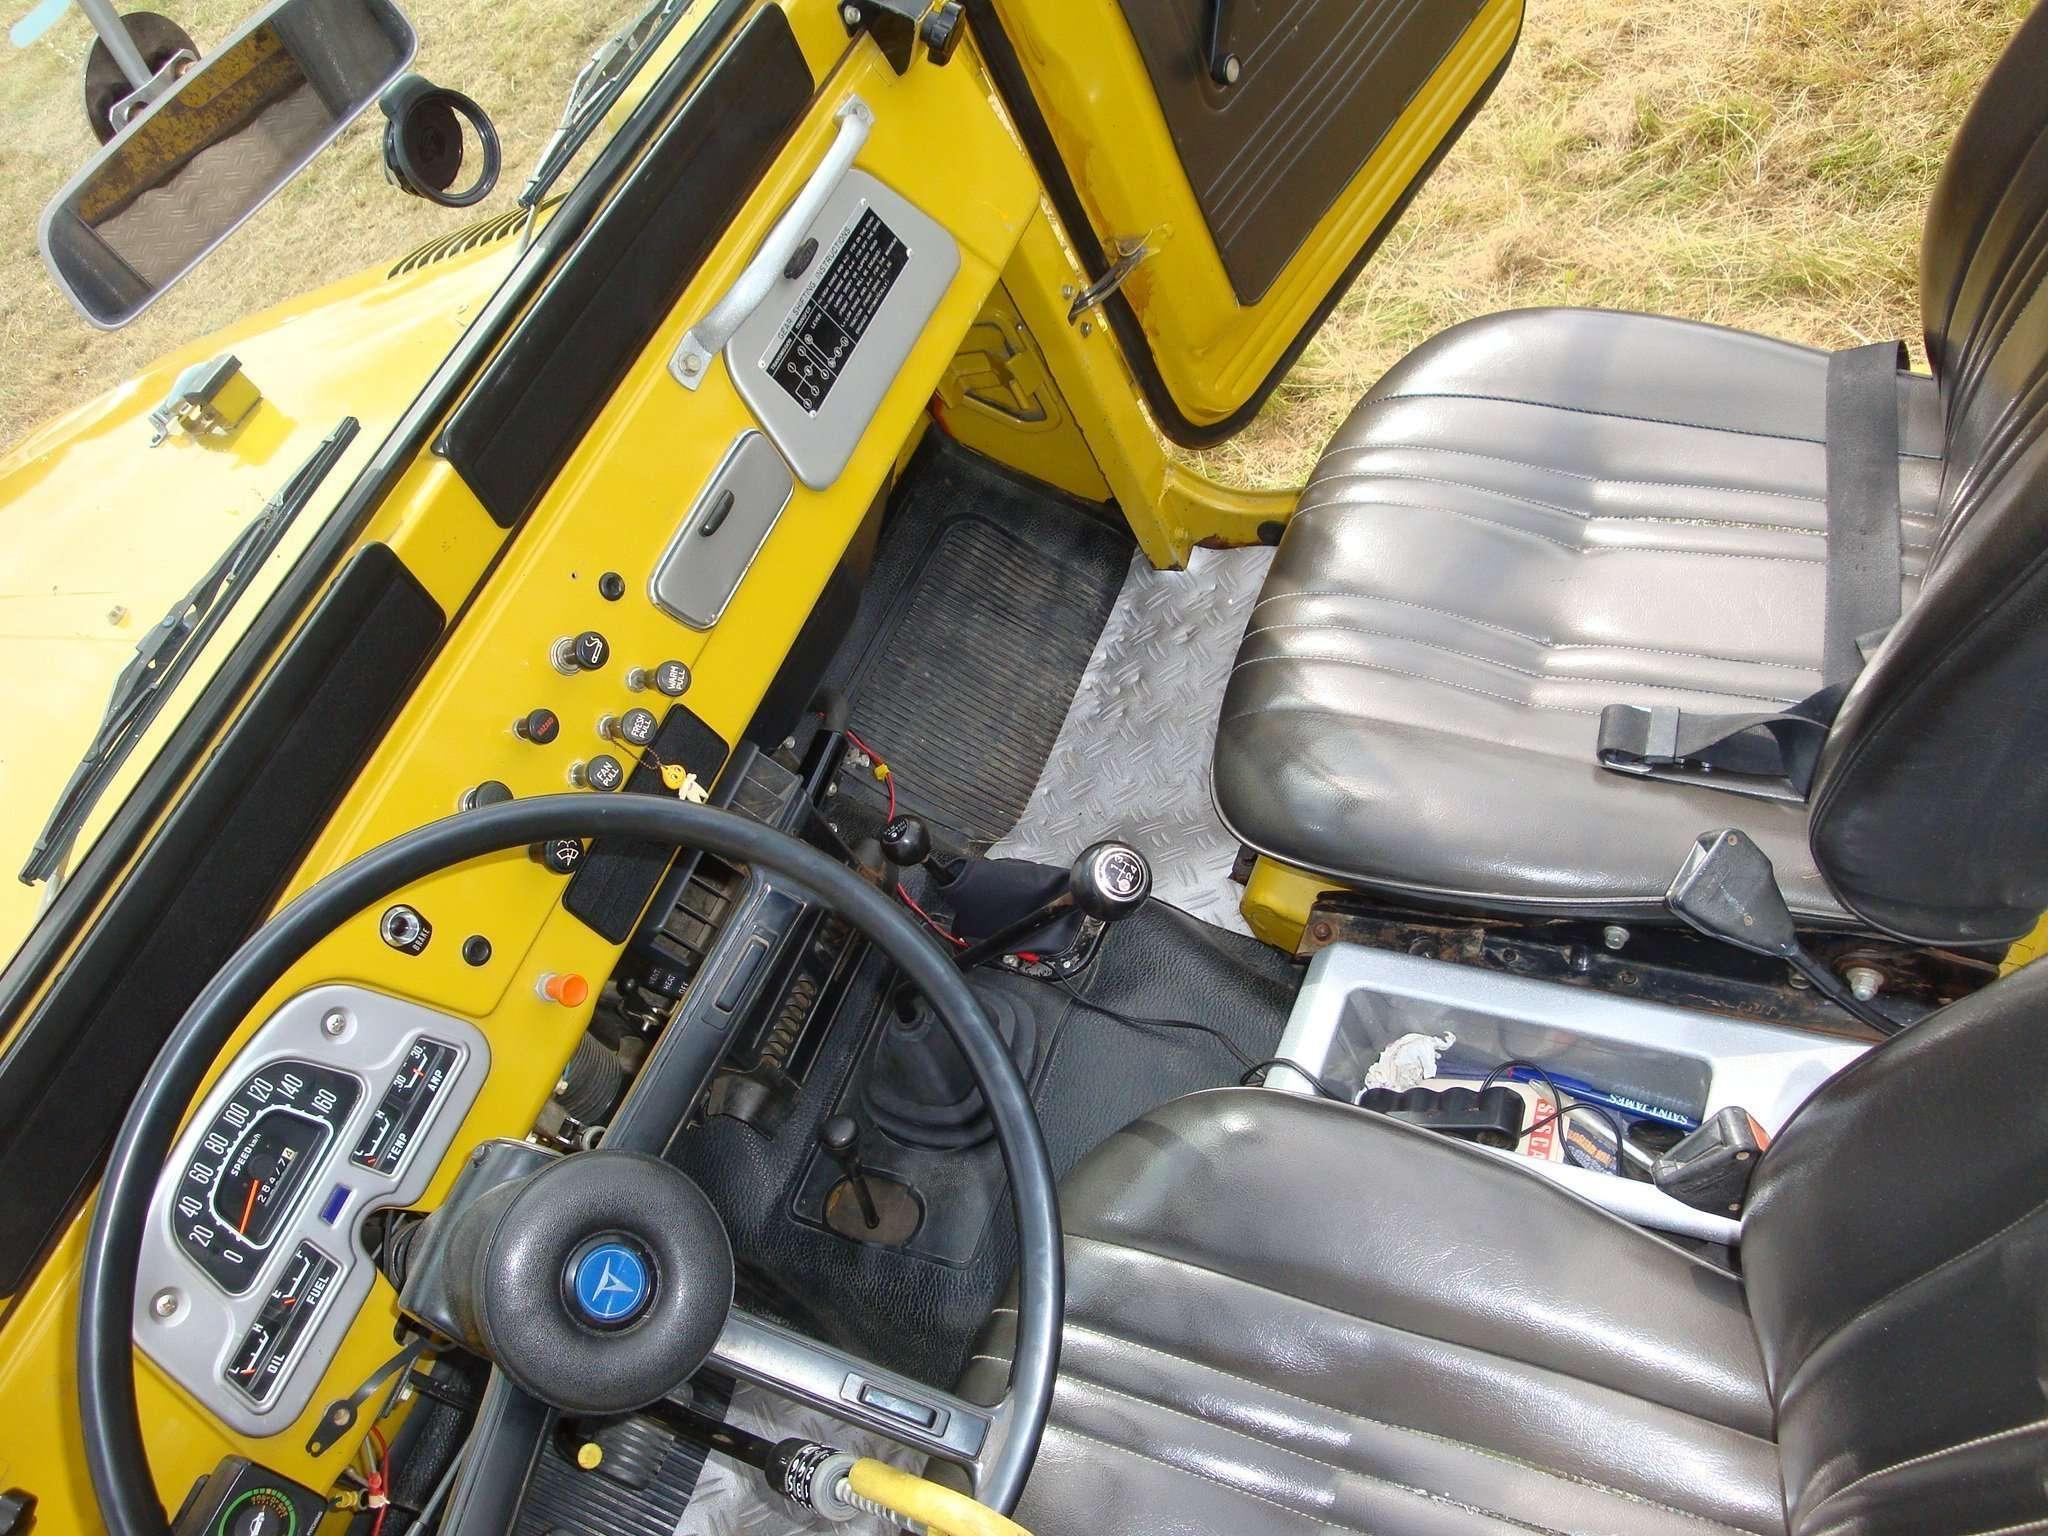 Mustard Yellow 1977 FJ40 OEM